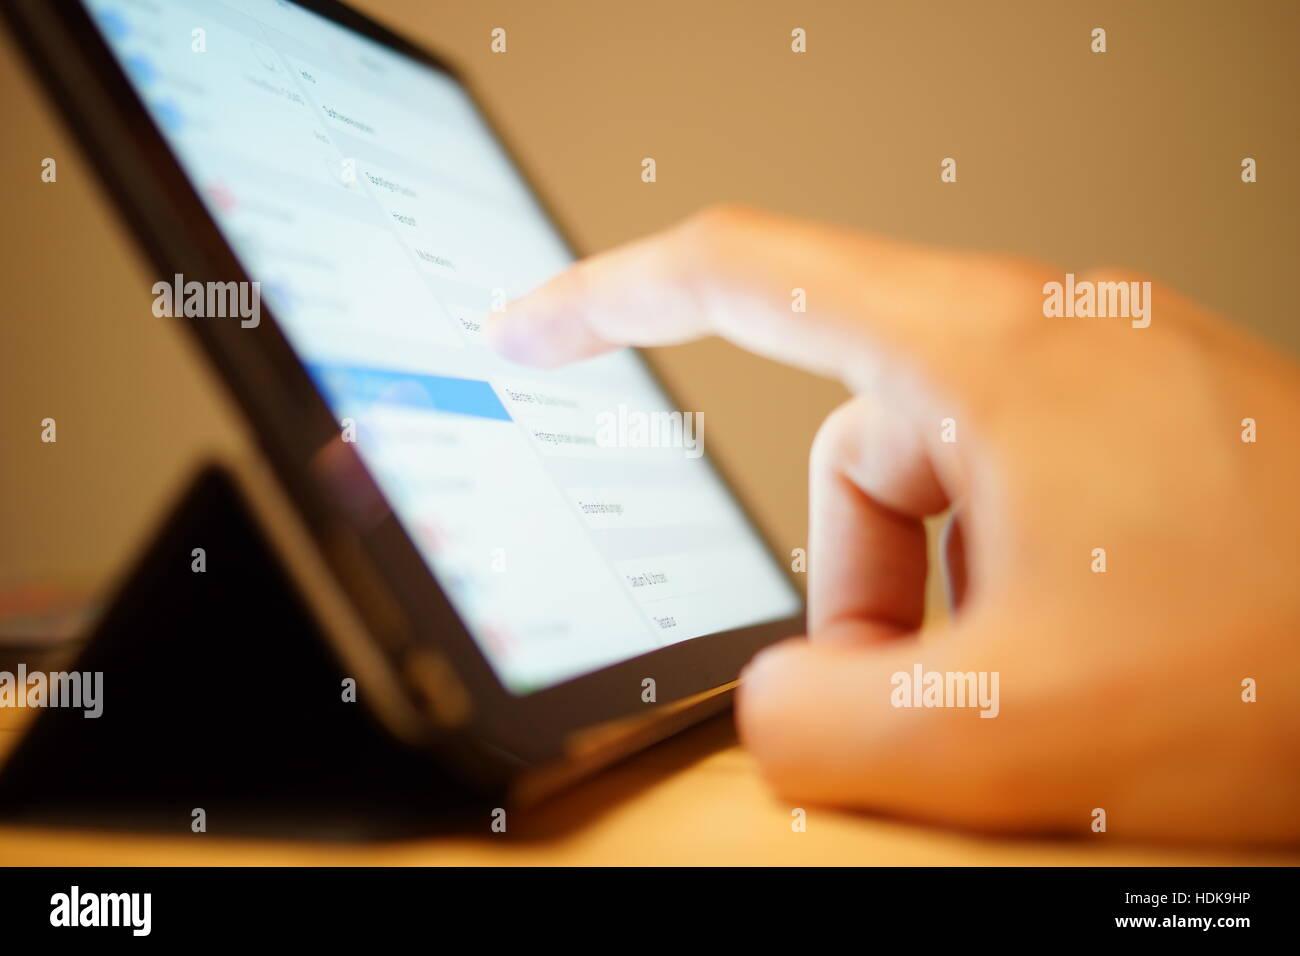 Tablette avec doigt sur écran Banque D'Images